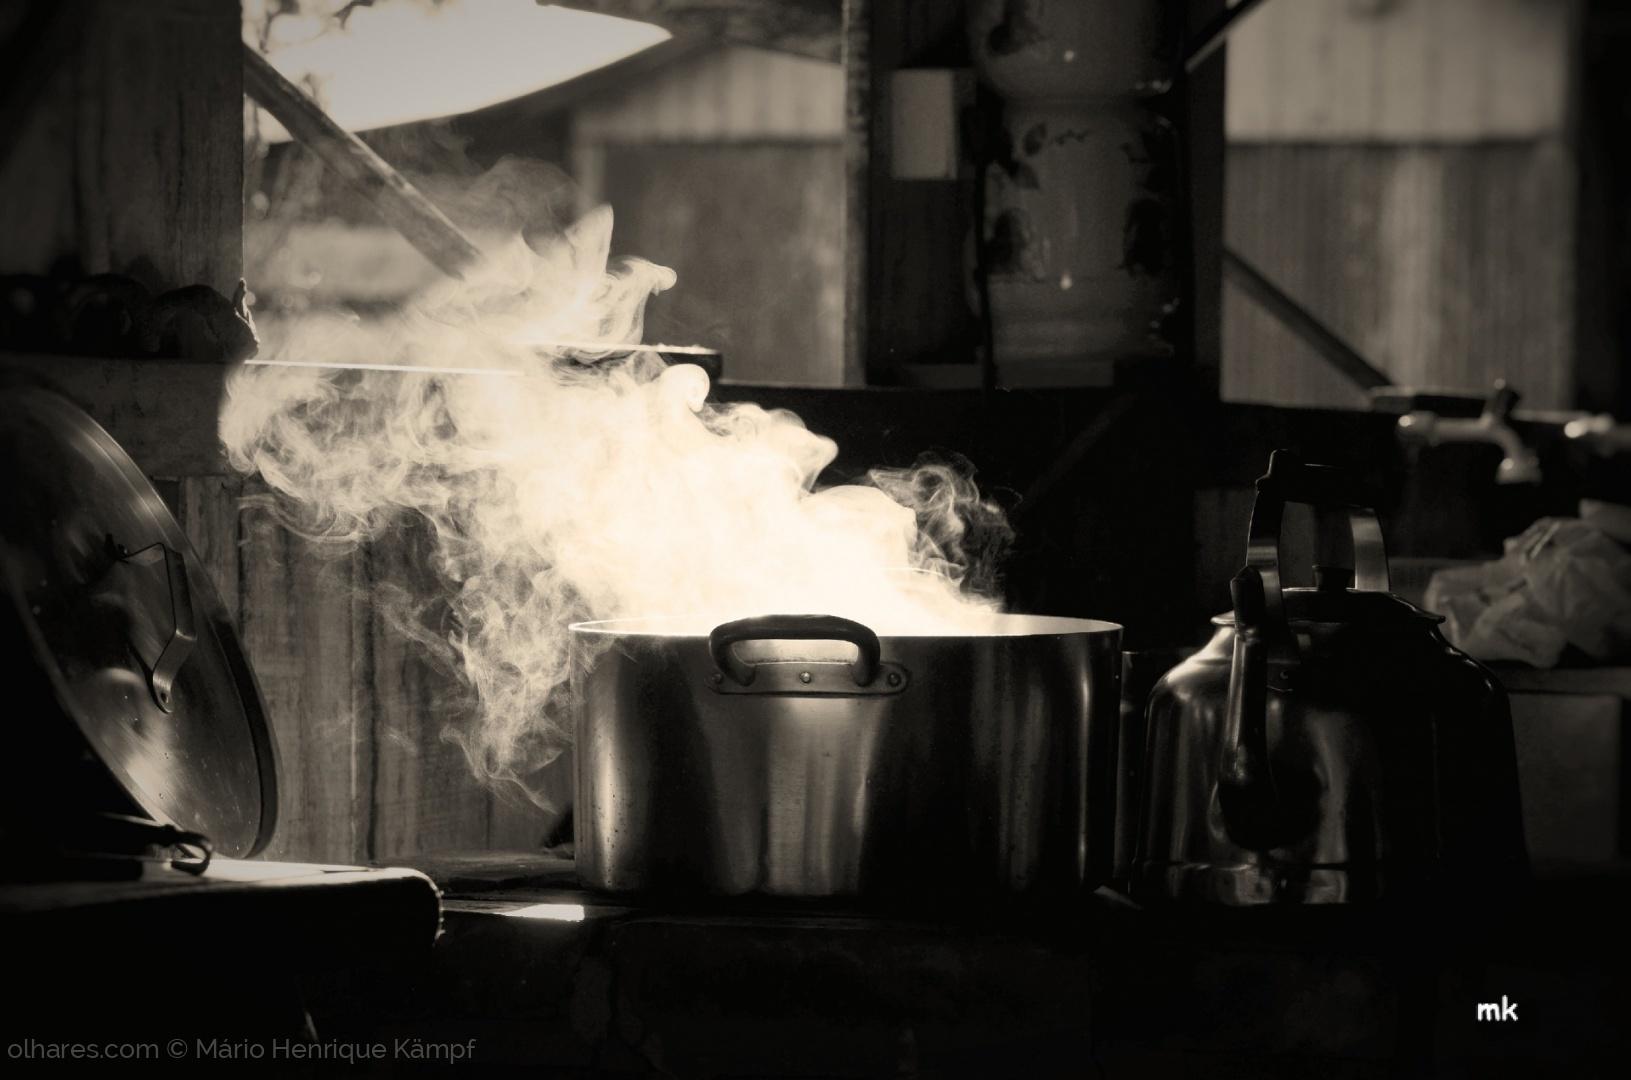 Gastronomia/Ta cozinhando !!!